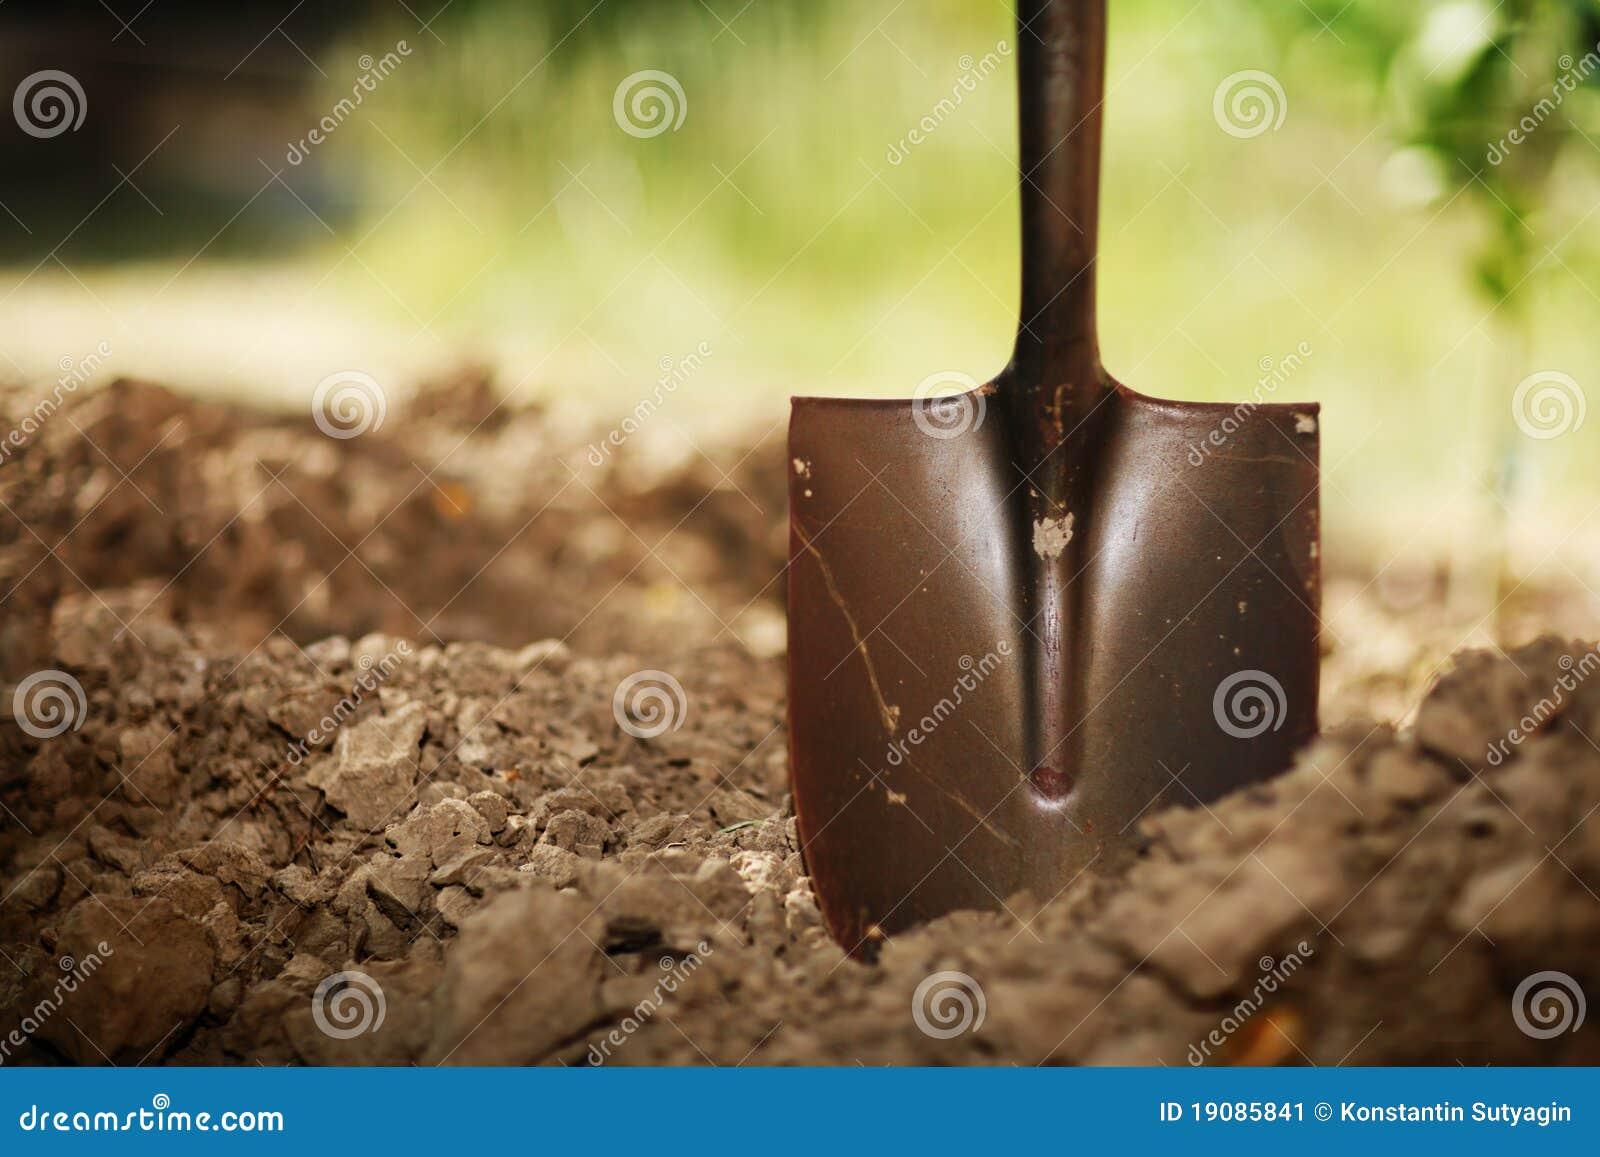 Schaufel im Boden